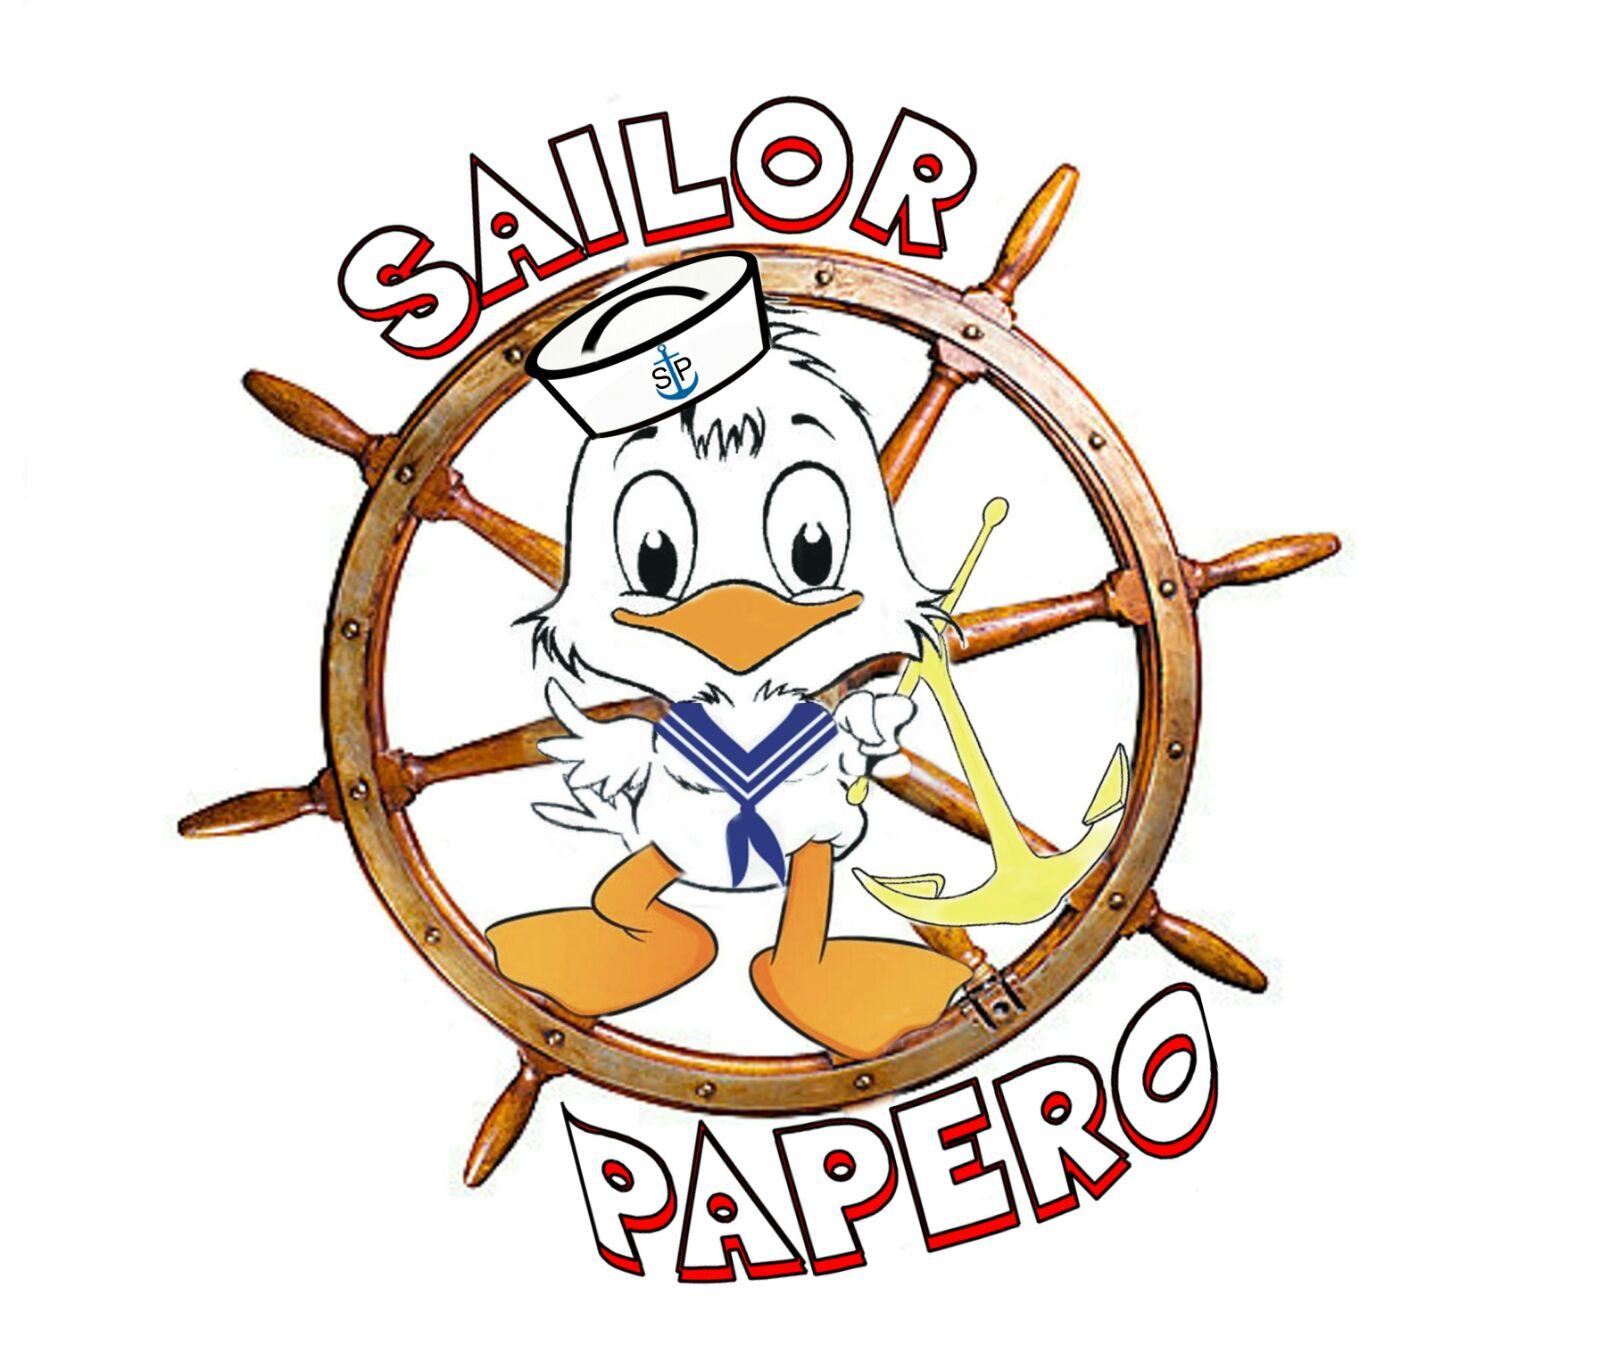 Logo Sailor Papero